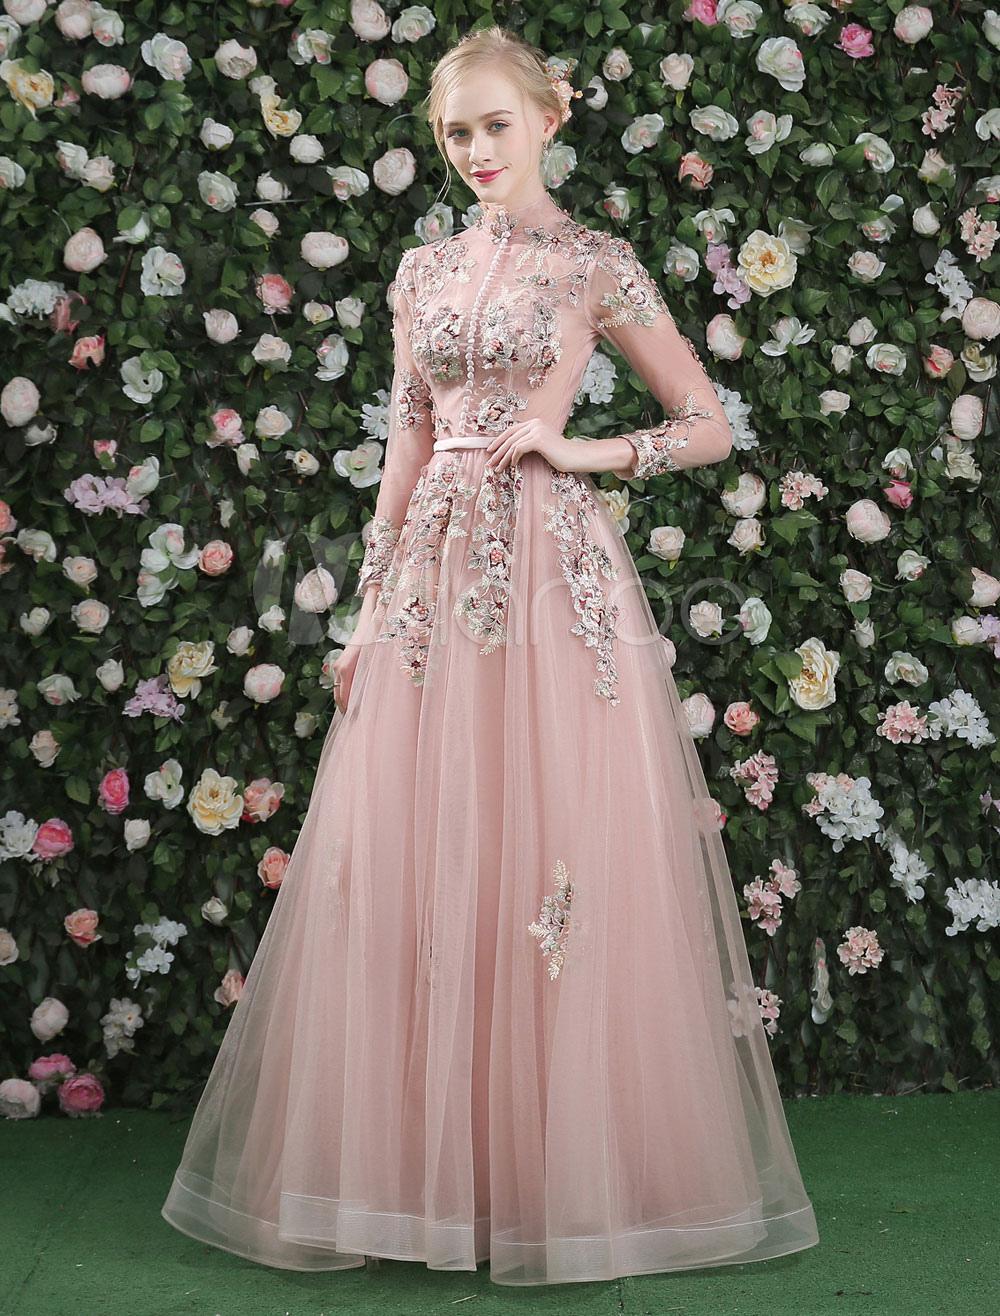 Luxus Prom Kleider Lace Blumen gestickt Blush rosa lange Ärmel ...